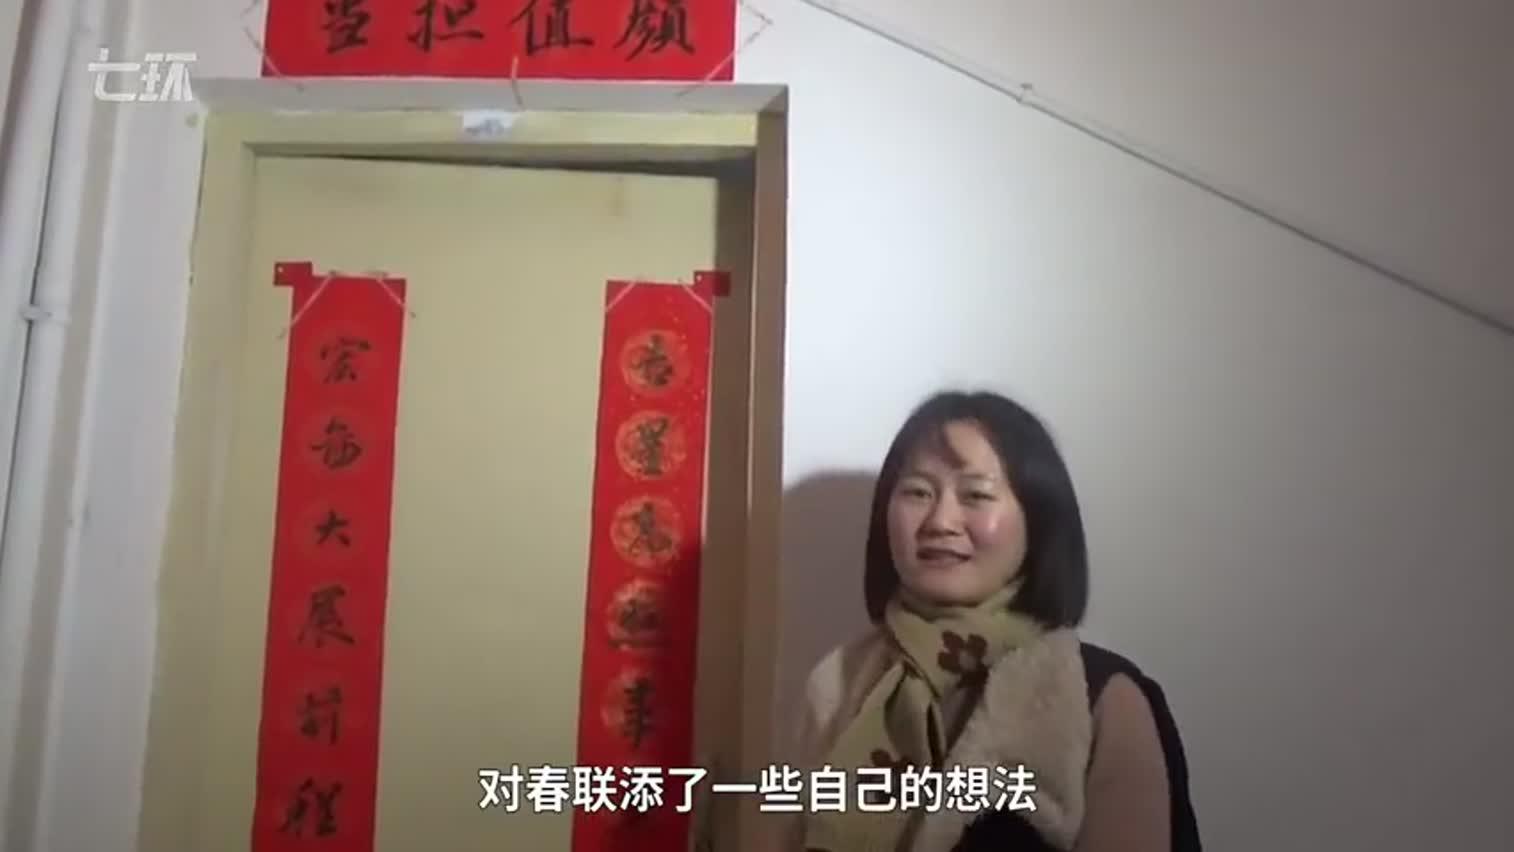 视频-高校宿舍贴花式春联:求考过求偶像门票